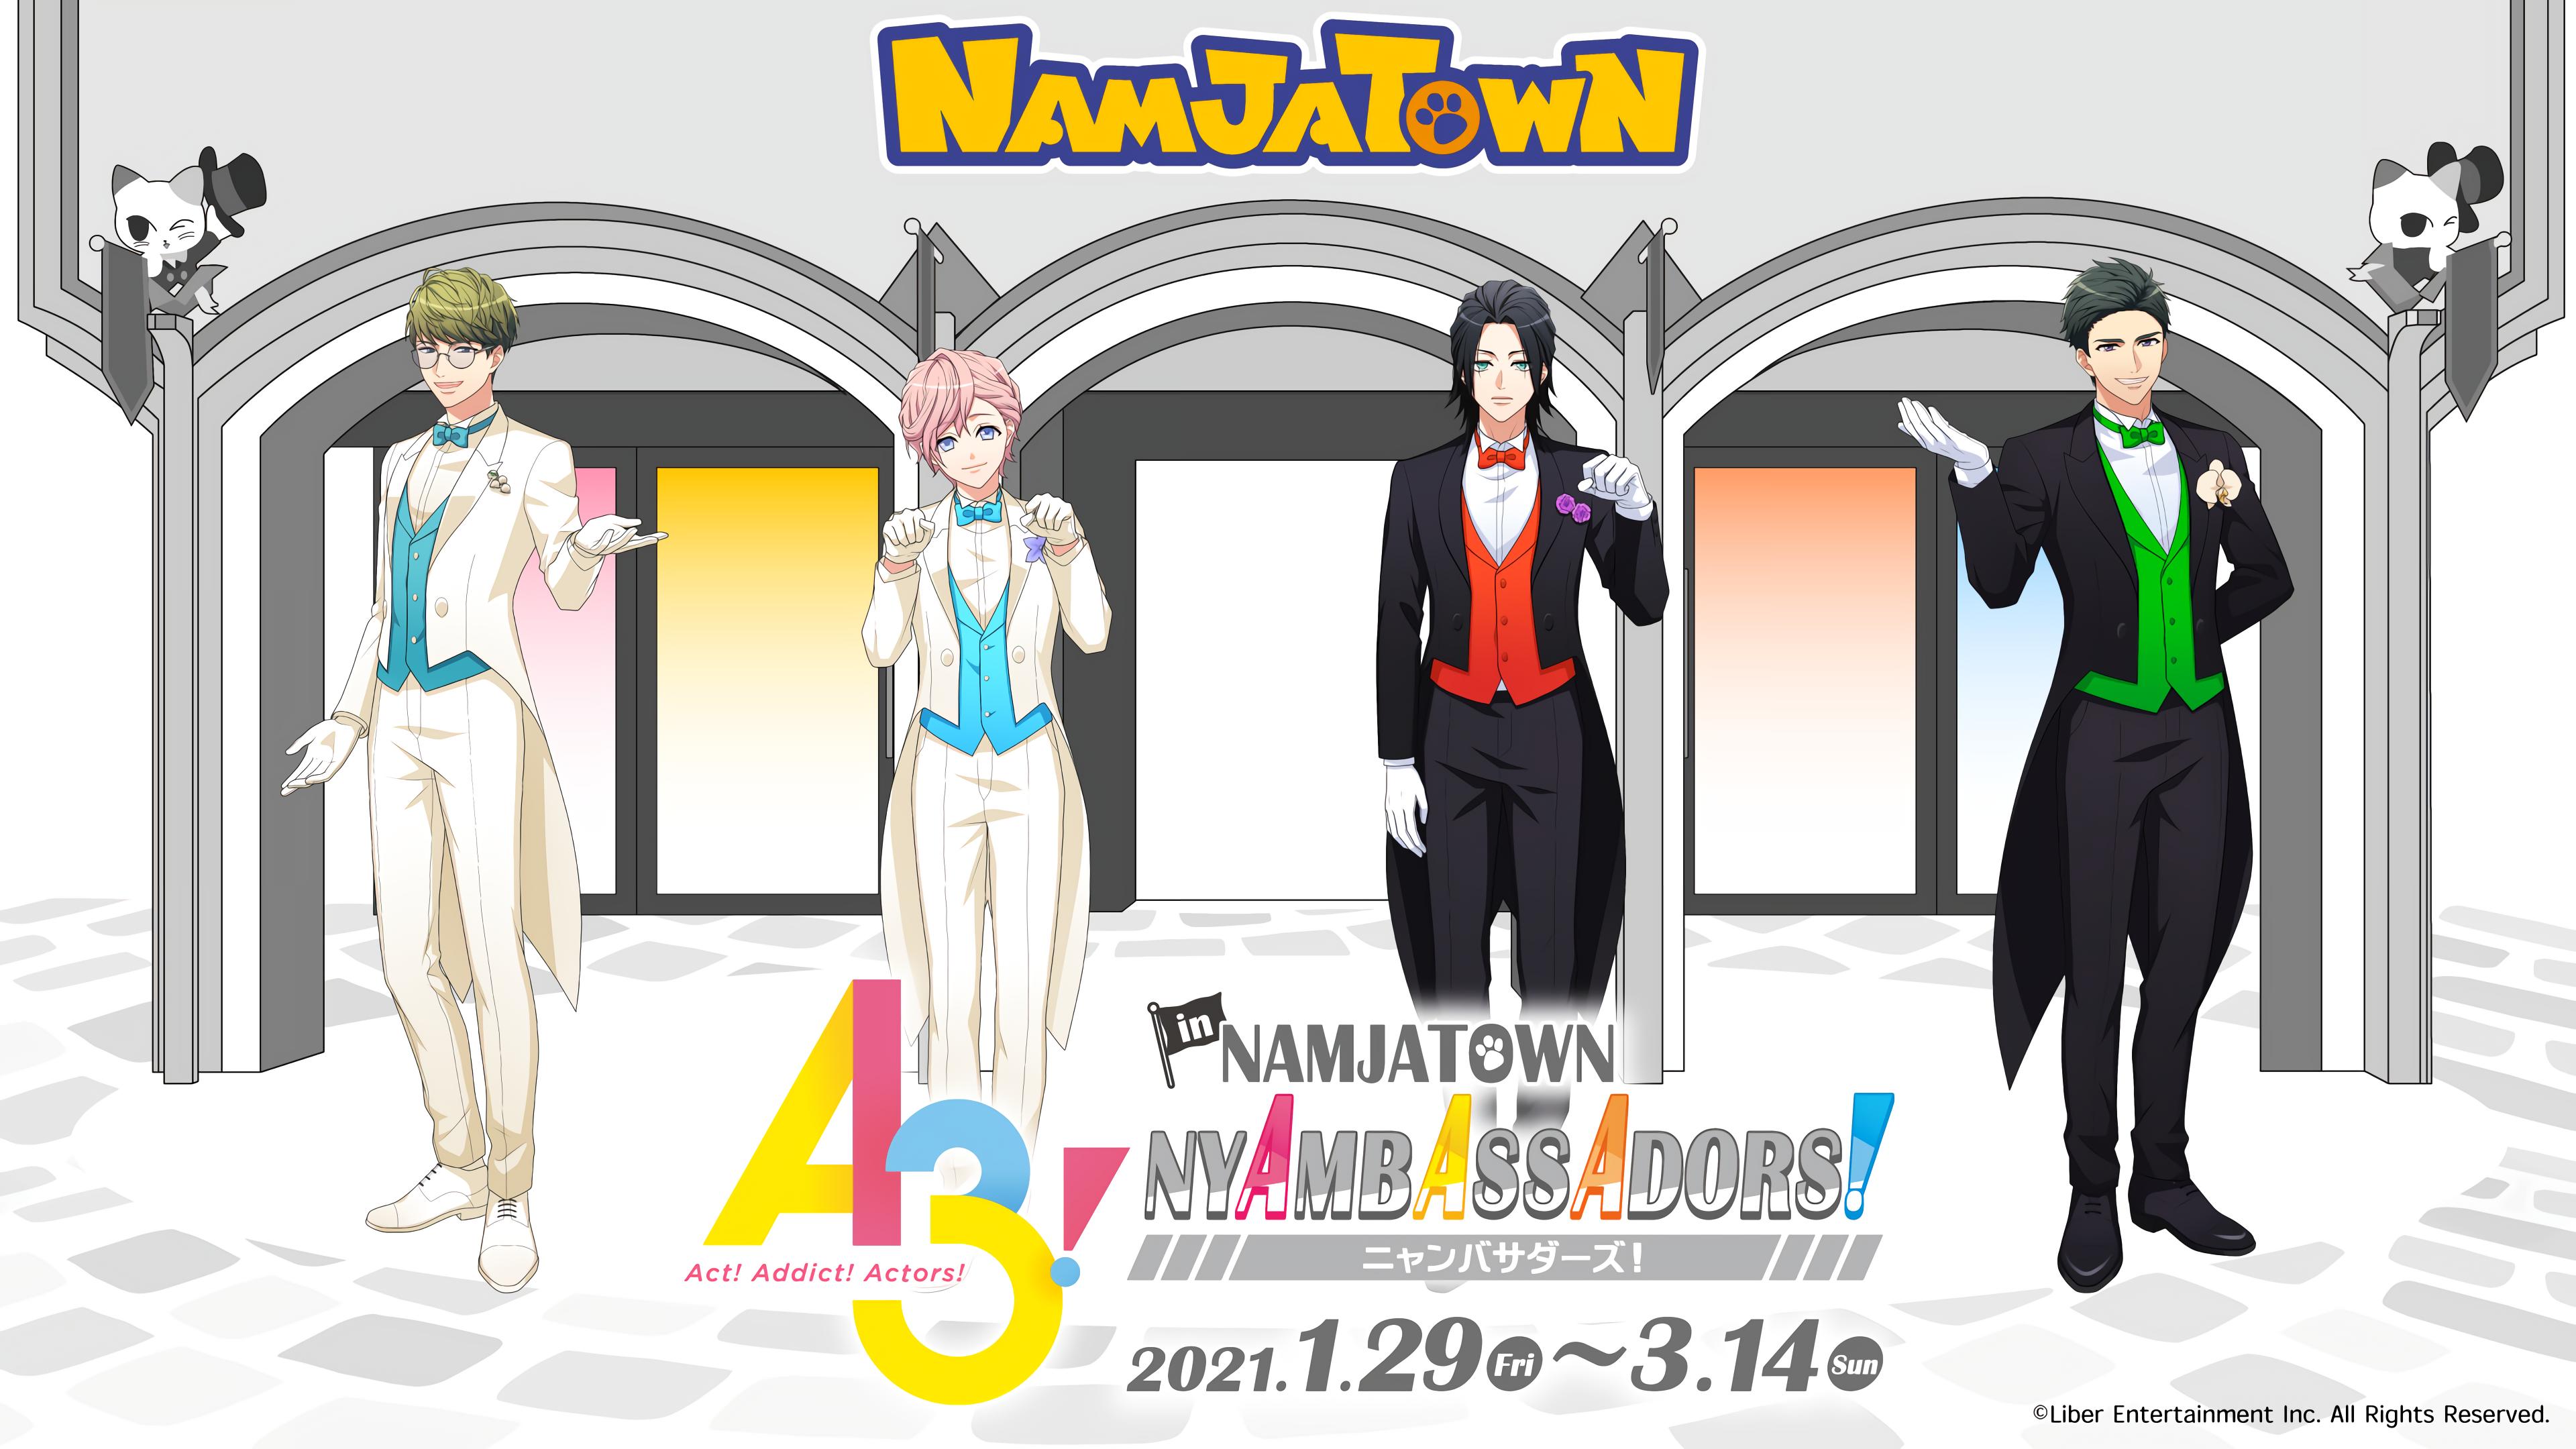 A3! X Namjatown Collaboration NYAMBASSADORS 2021